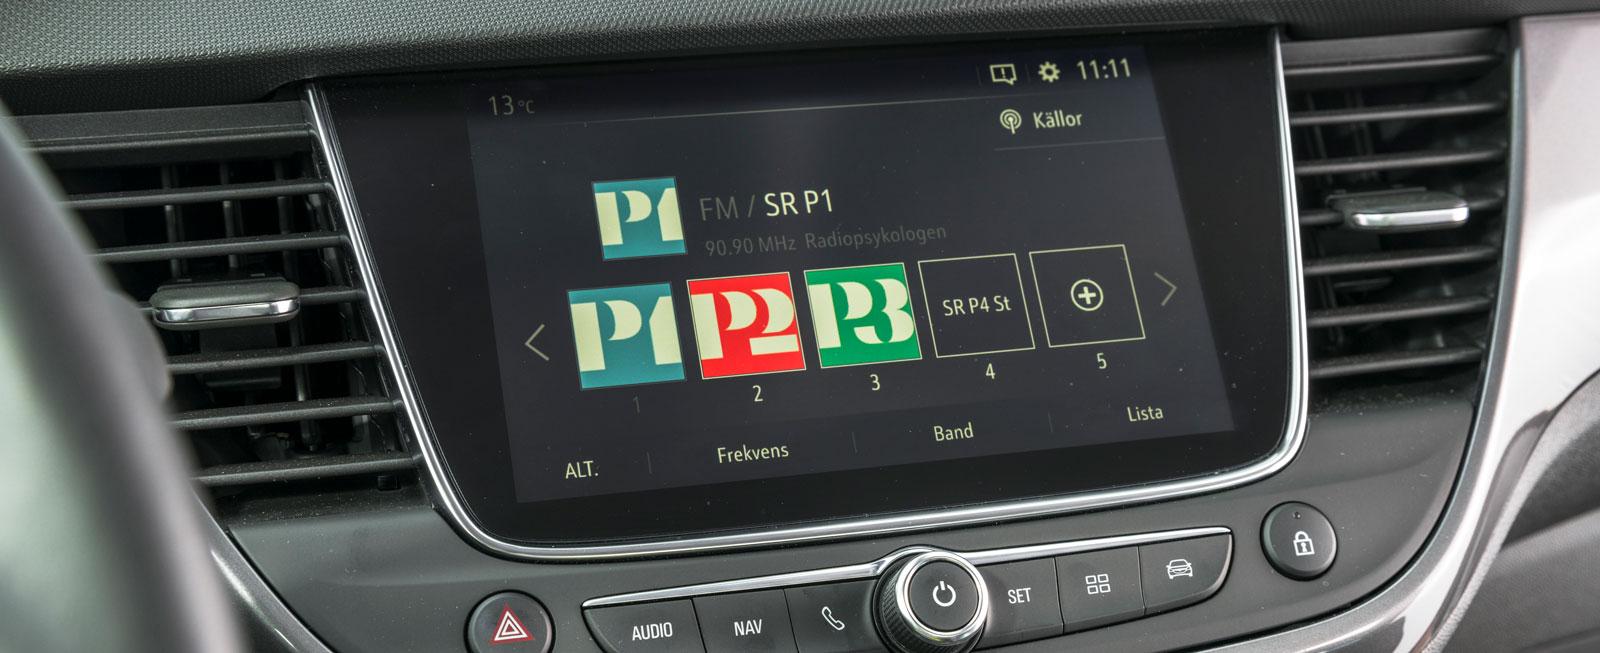 Opels mediesystem känns igen från PSA (Peugeot/Citroën) och är testets enklaste att använda. Plus för snabbknappar till flera vitala funktioner.